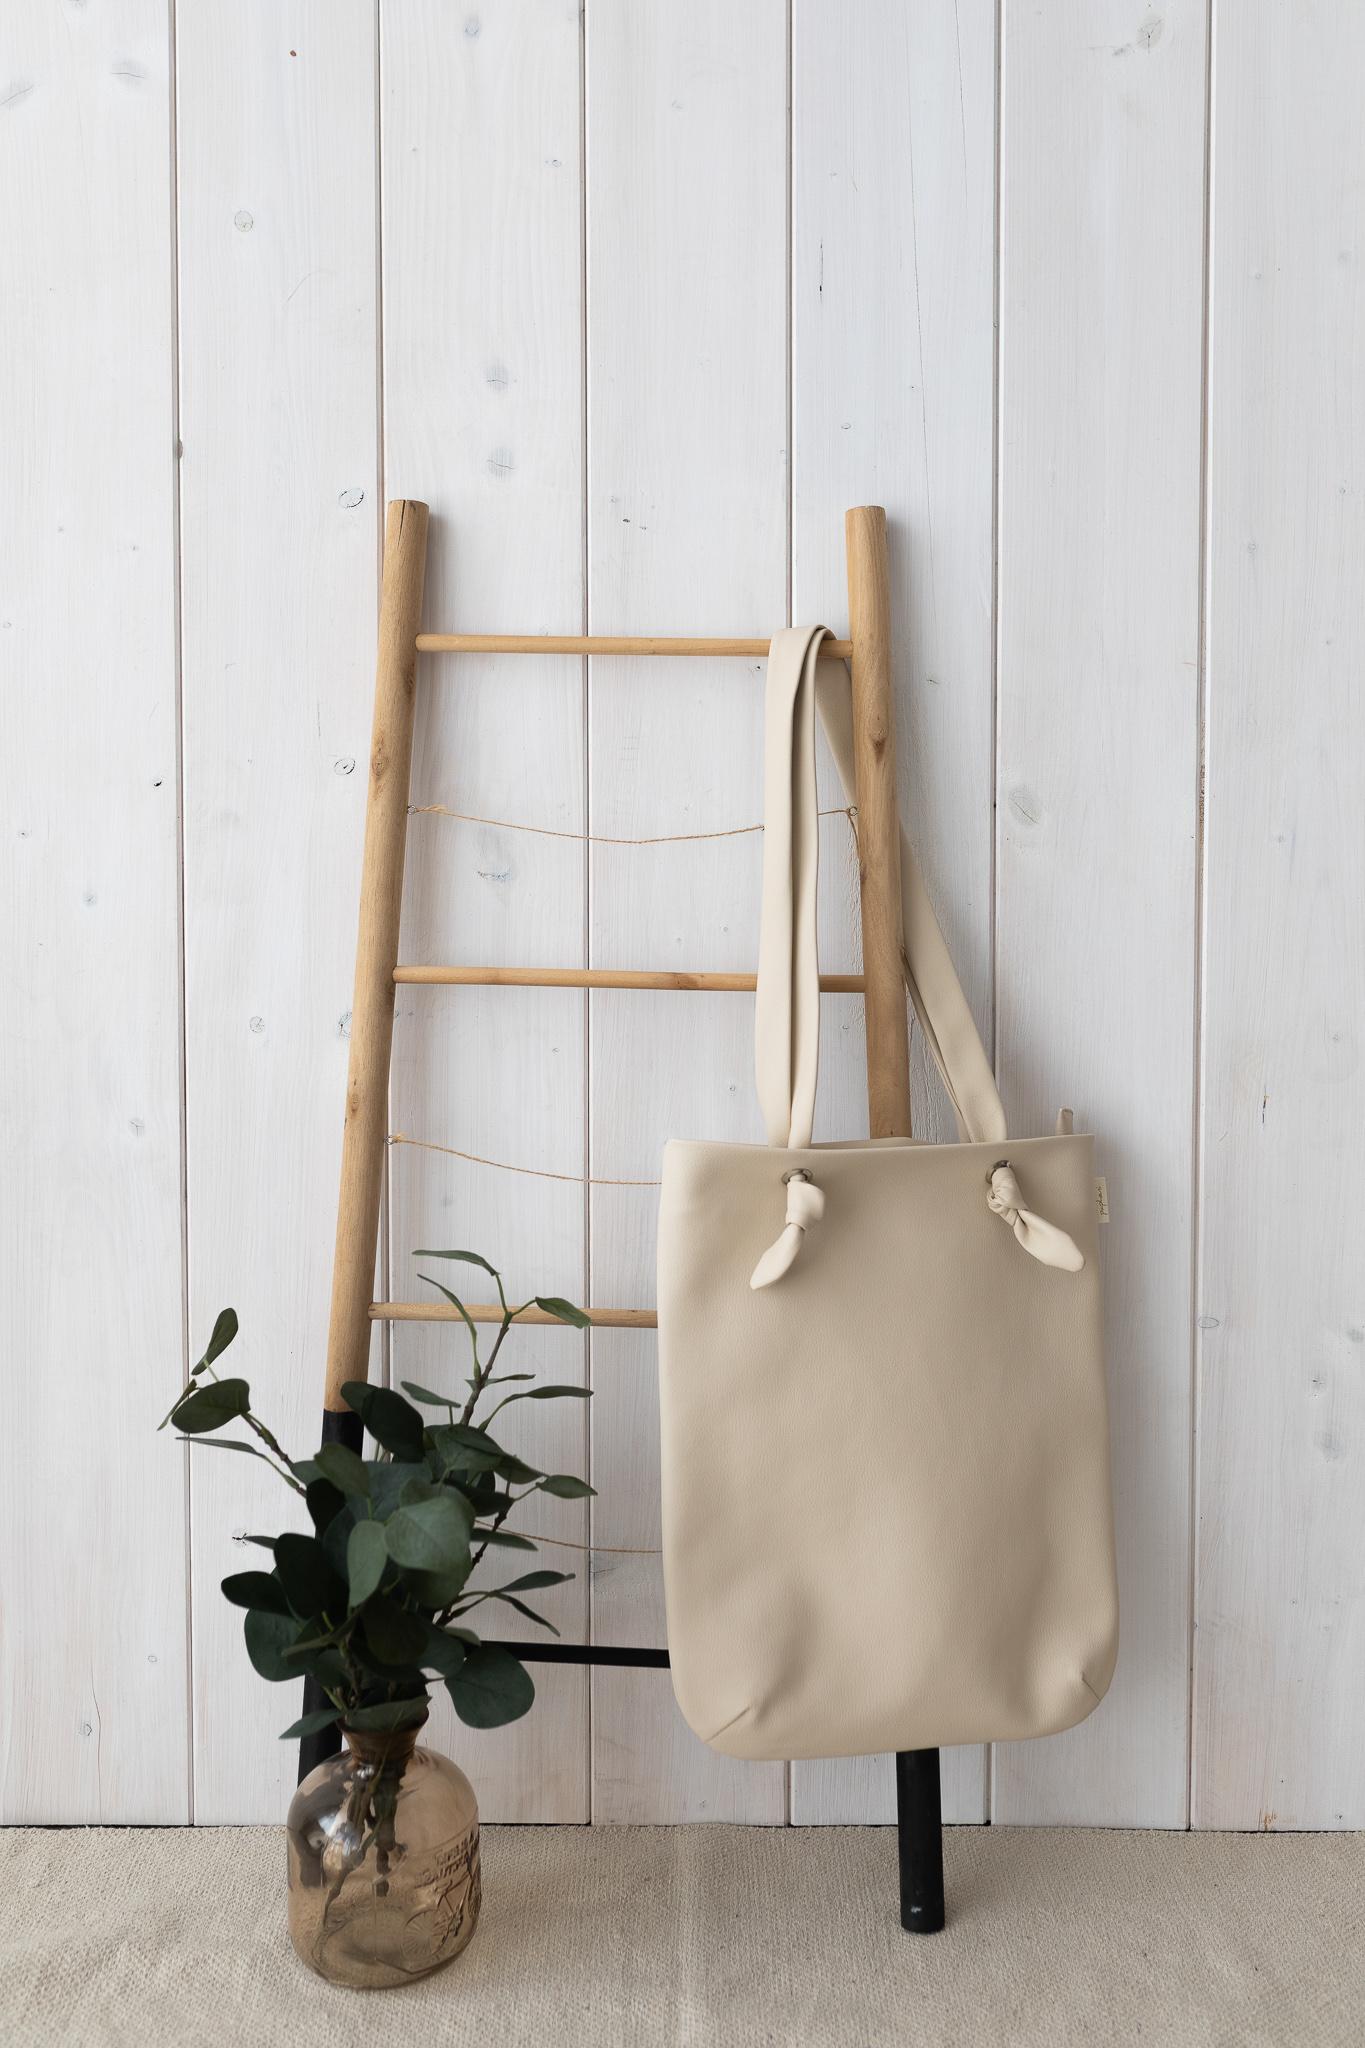 Mit használjunk hátizsákot vagy válltáskát?